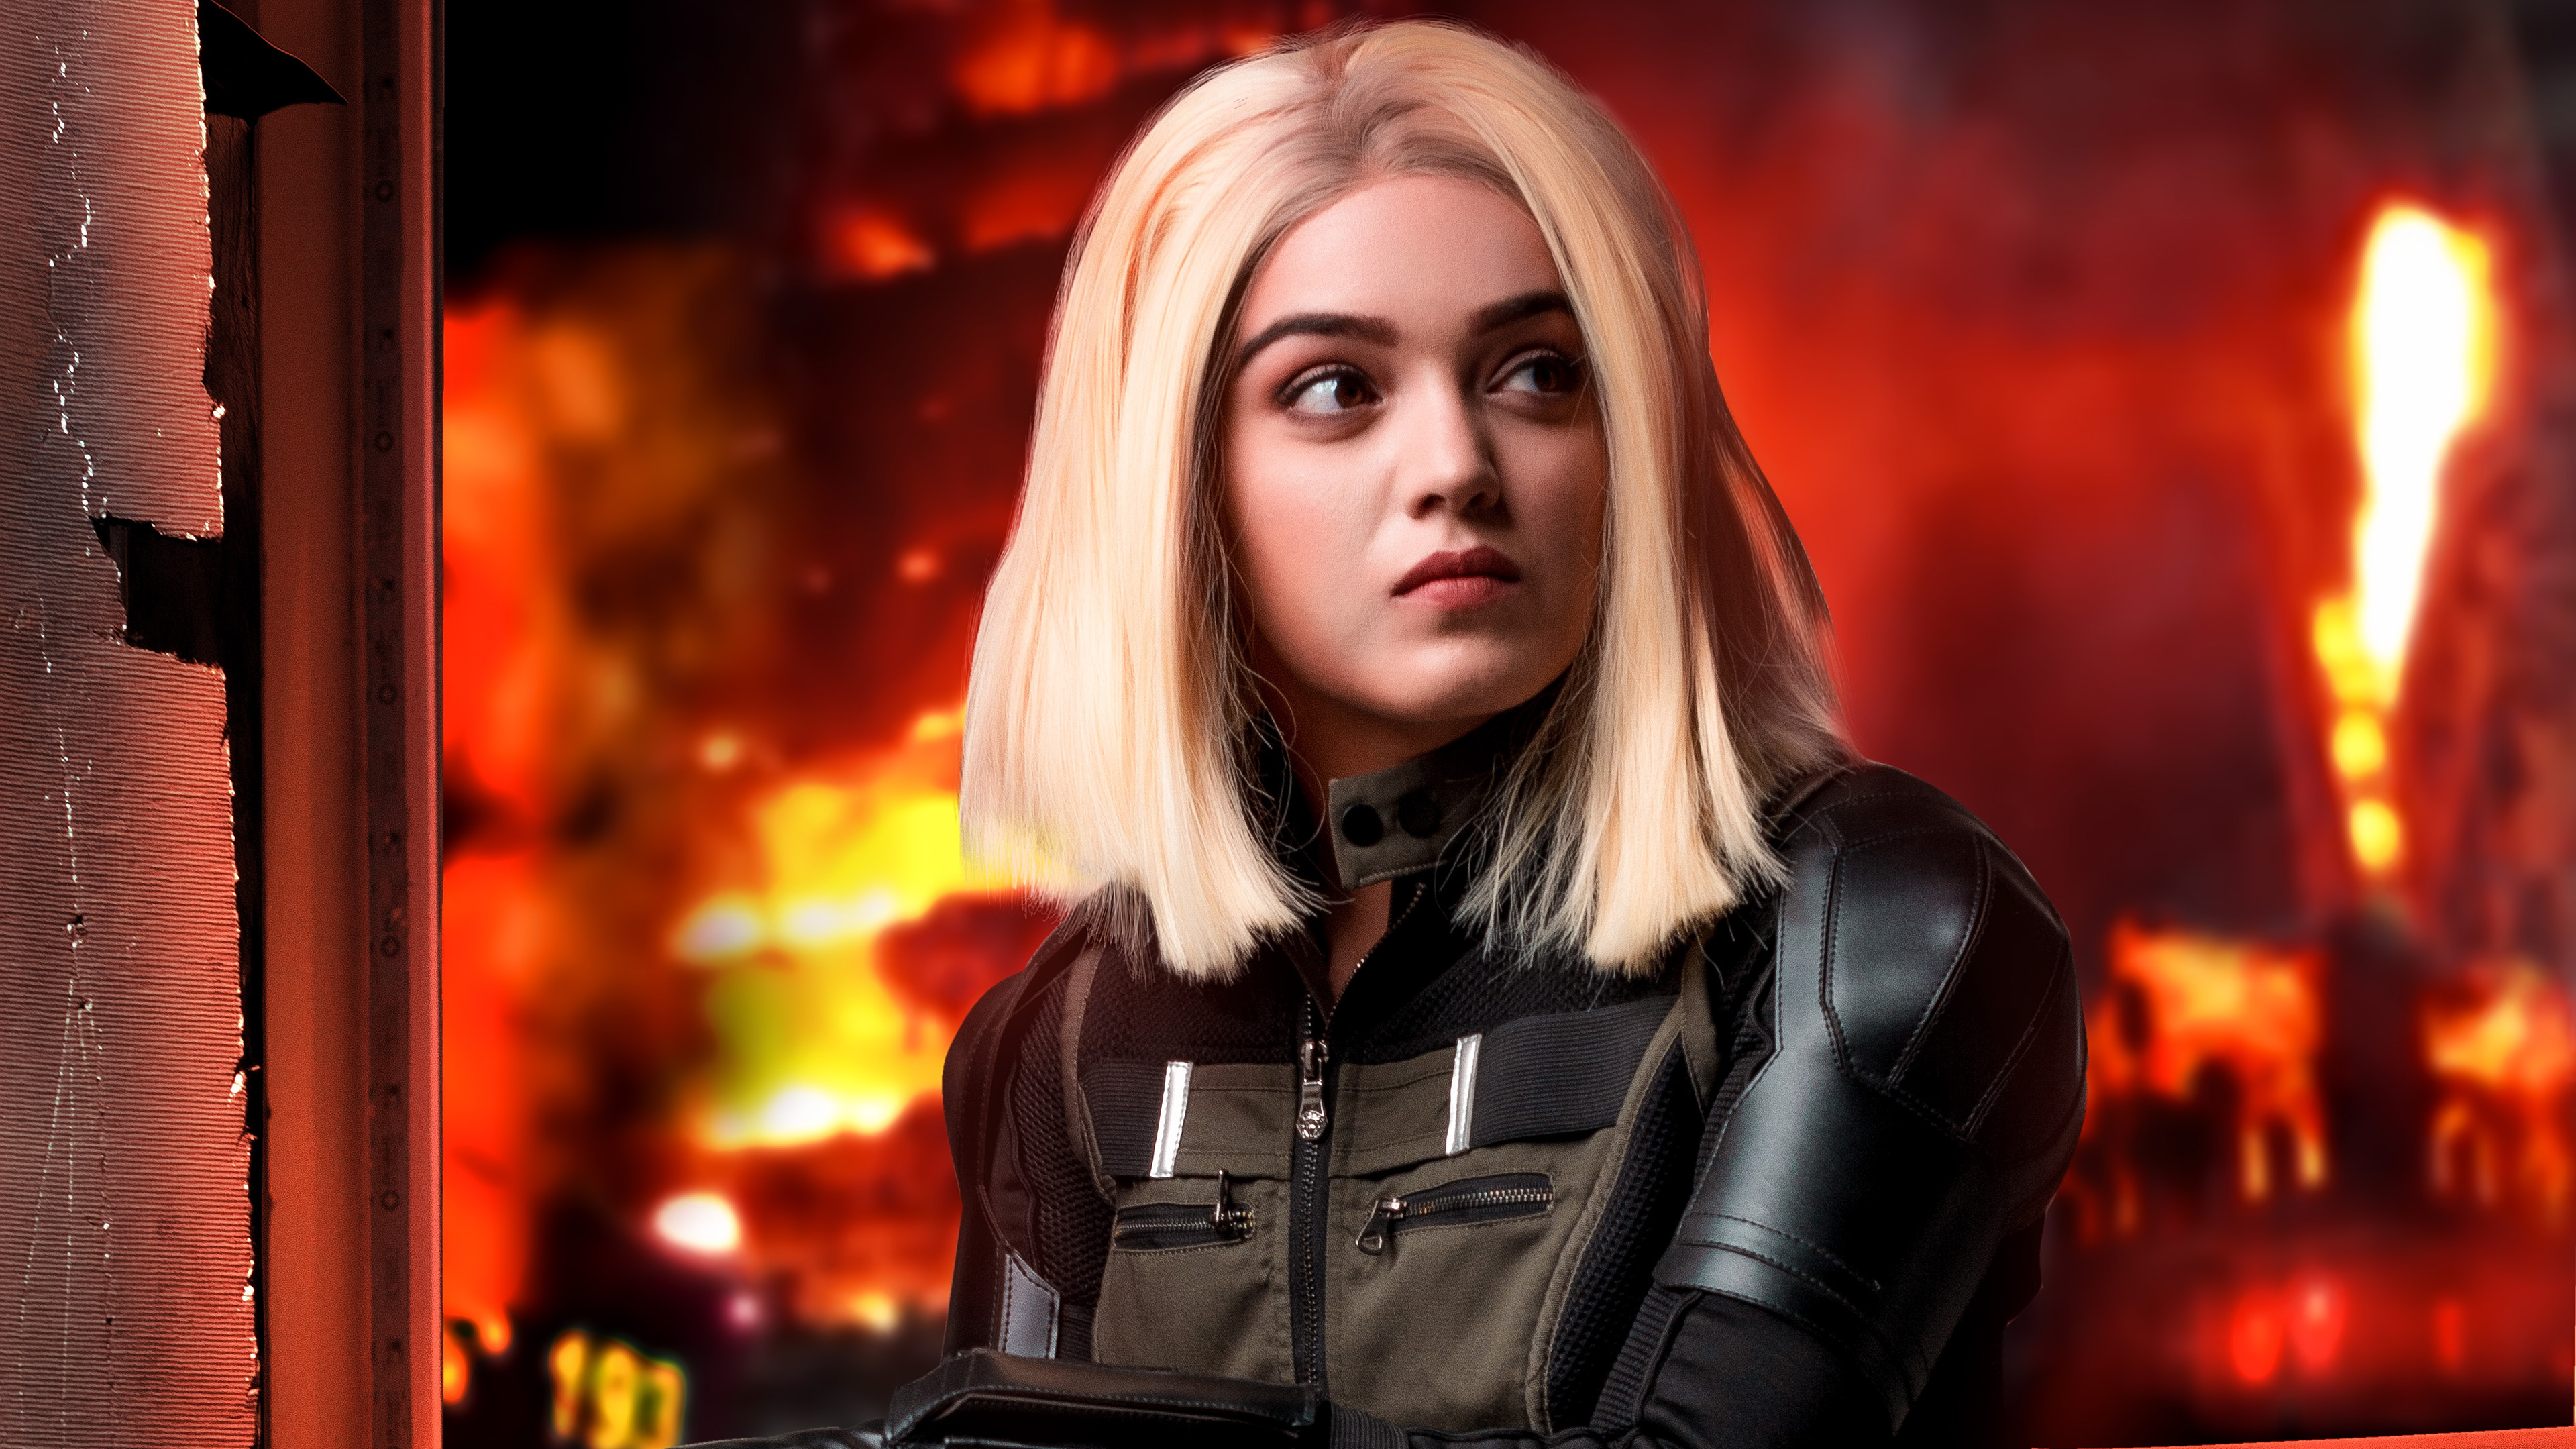 Black Widow Cosplay New Hd Superheroes 4k Wallpapers